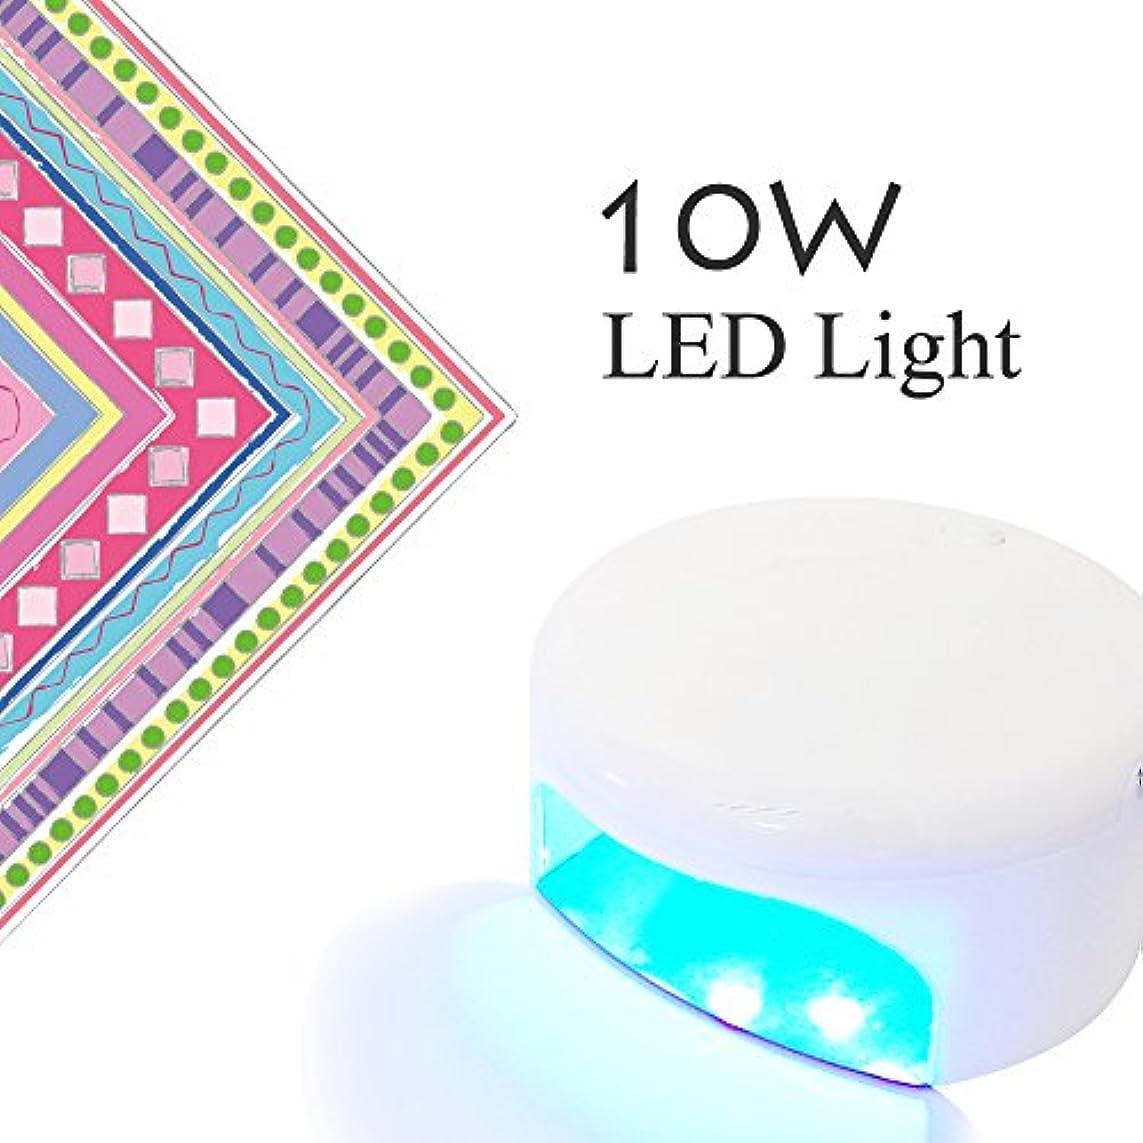 世論調査釈義不合格ネイル用LEDライト 10W チップLED搭載 【LED10wライト】コンパクトハイパワー保証書。取扱説明書付き ジェルネイル (10W)